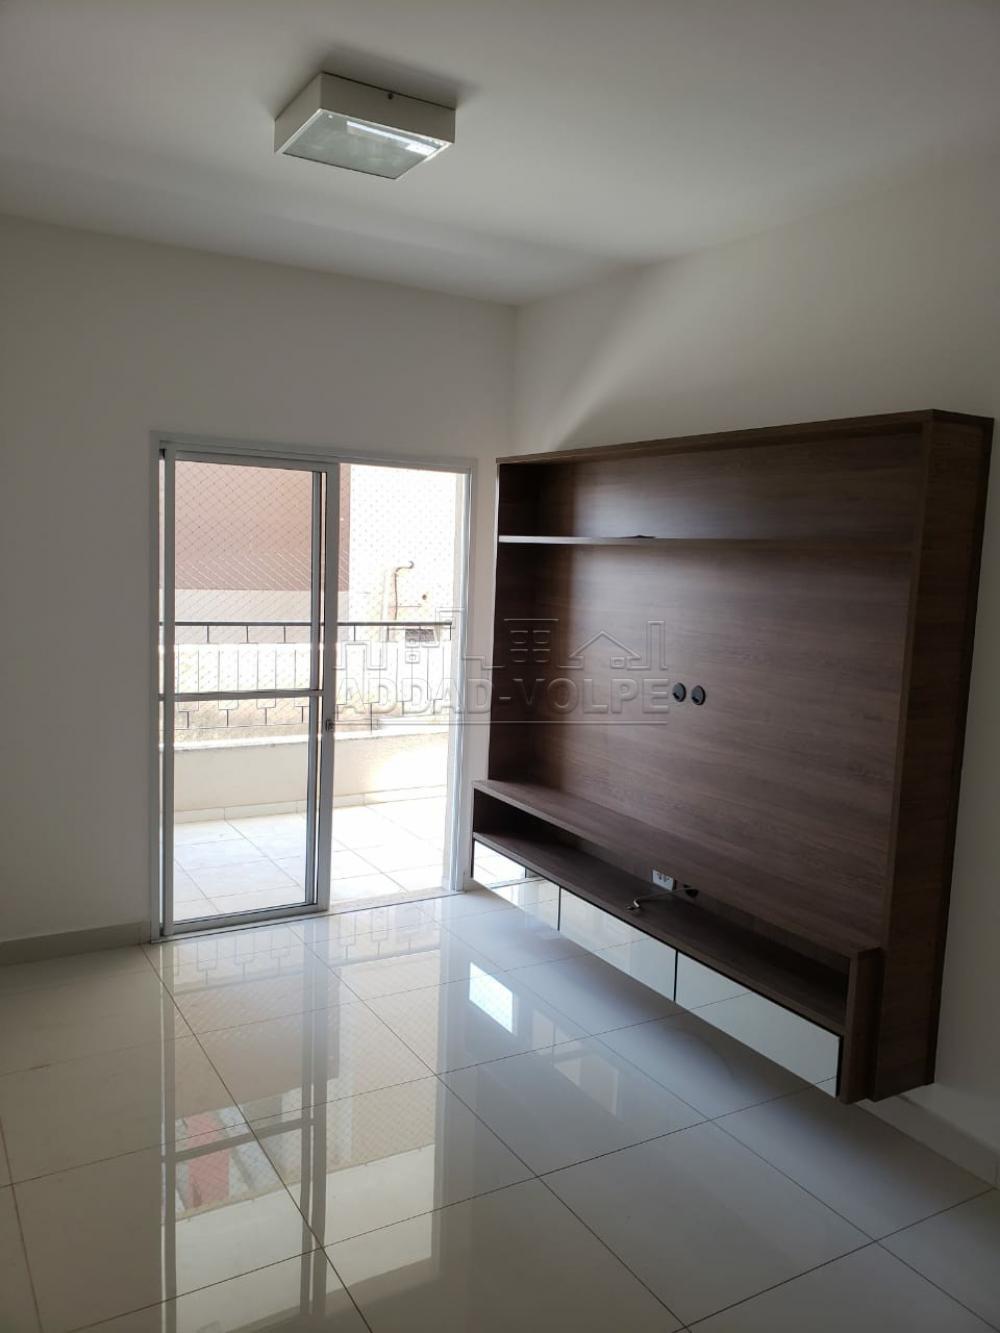 Alugar Apartamento / Padrão em Bauru R$ 1.900,00 - Foto 2